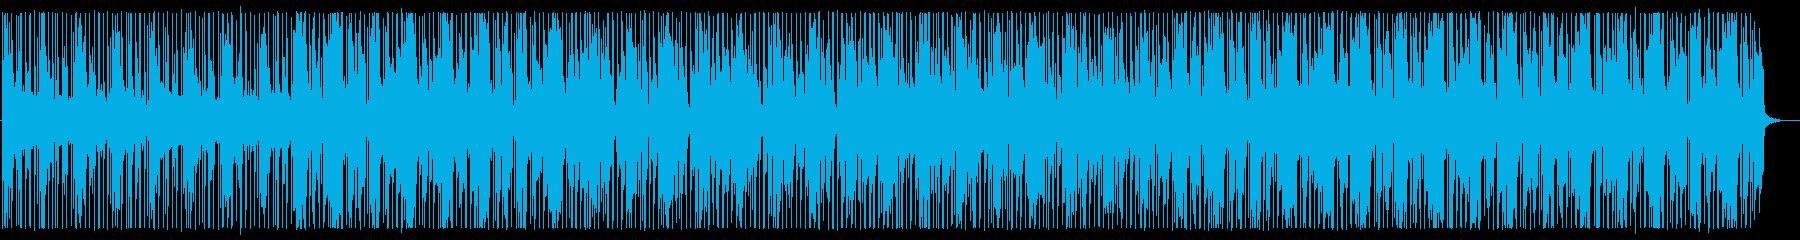 怪しげなヒップホップ_No585_1の再生済みの波形